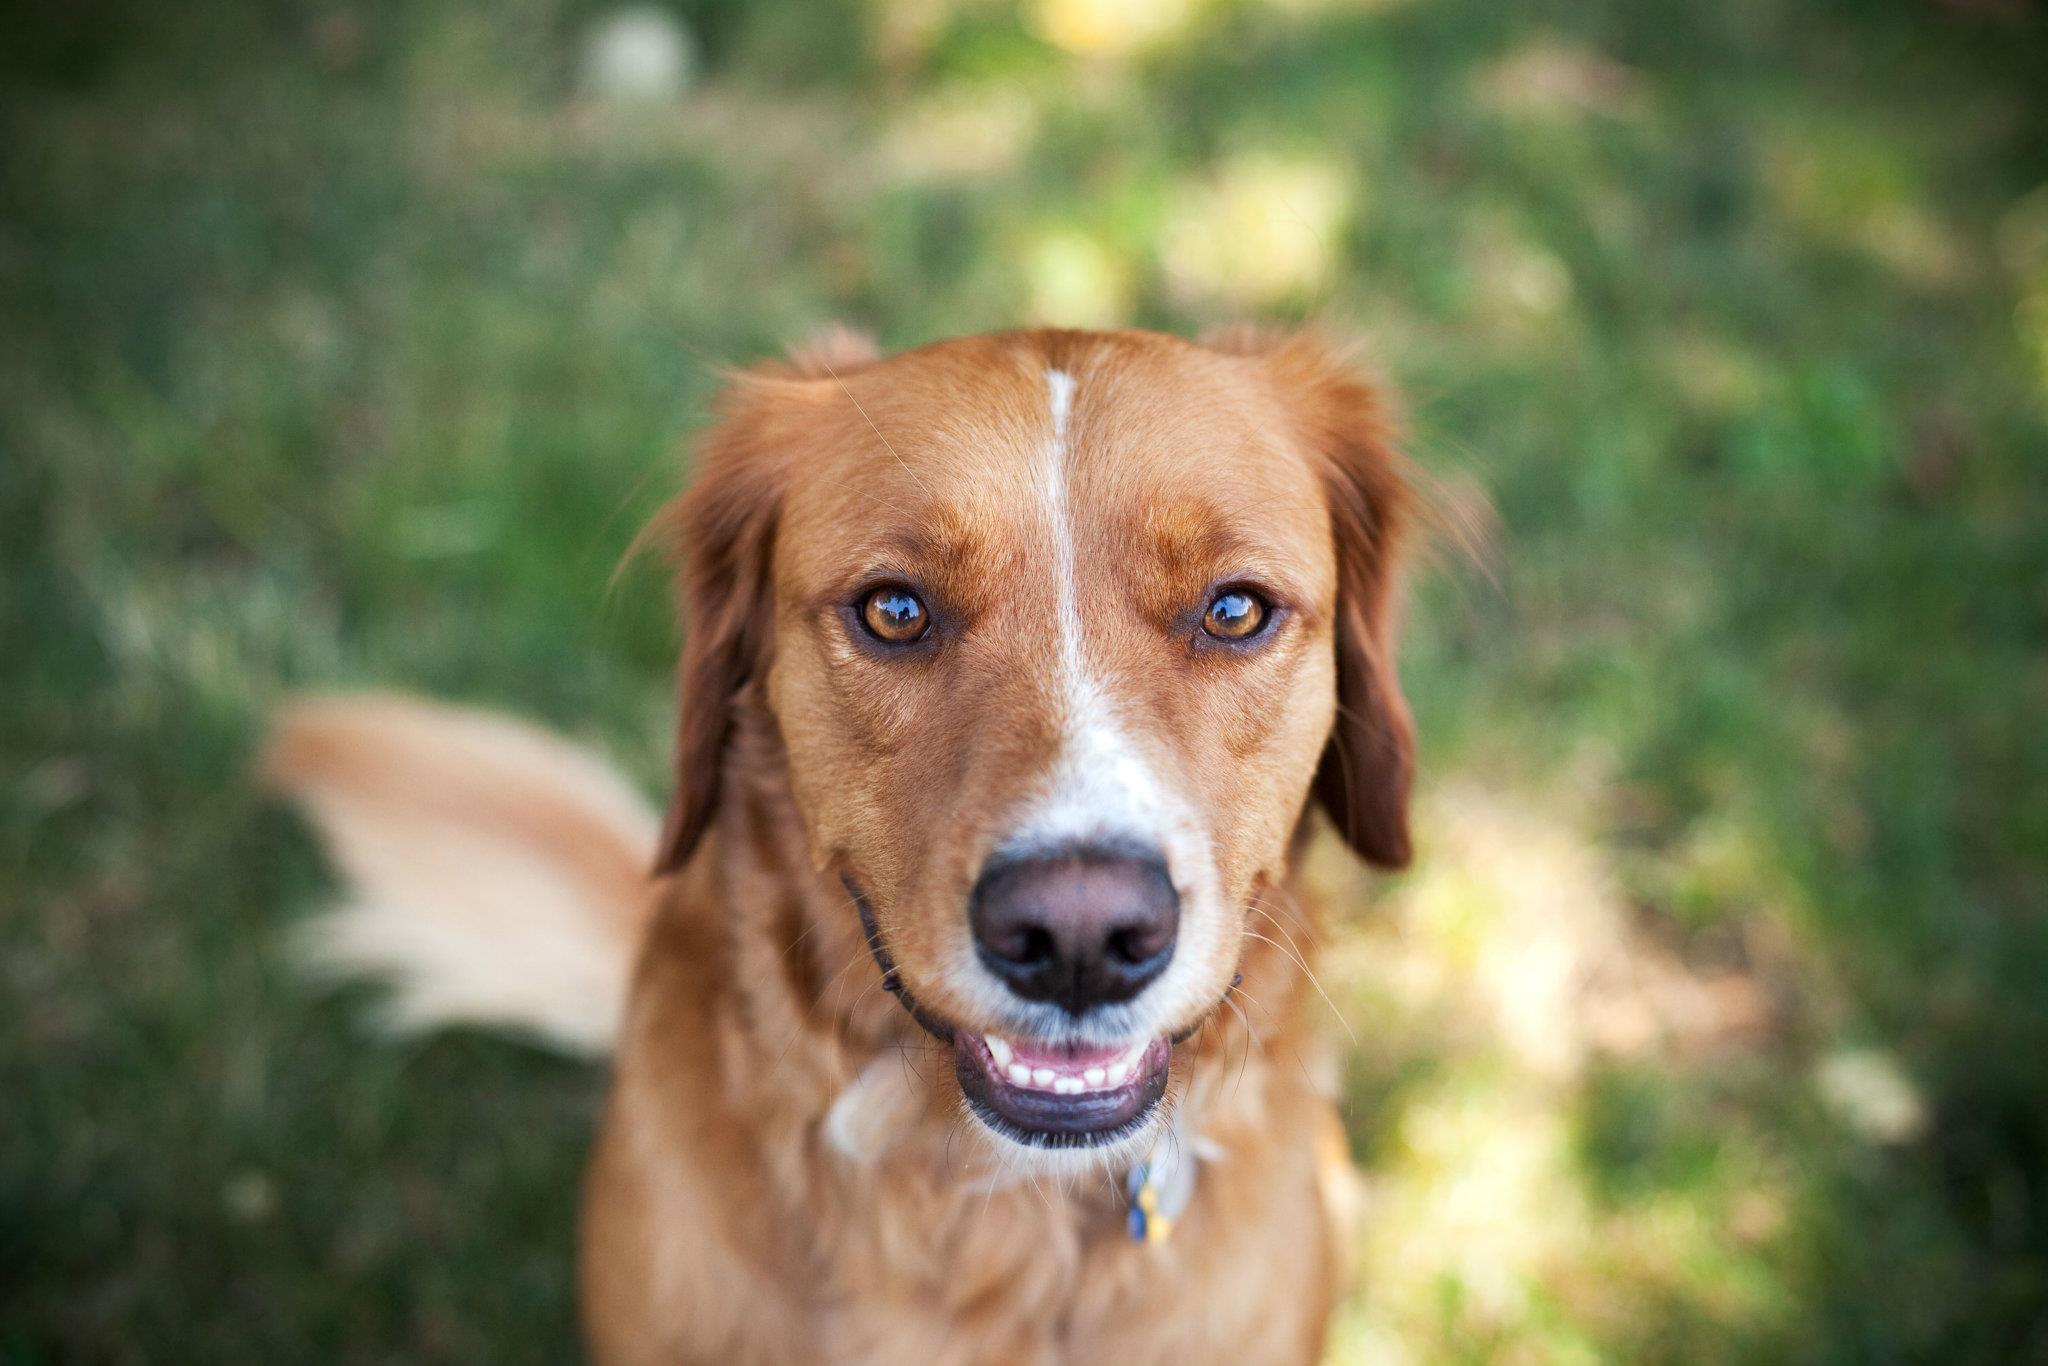 5 cose che i cani potrebbero prevedere prima che accadano